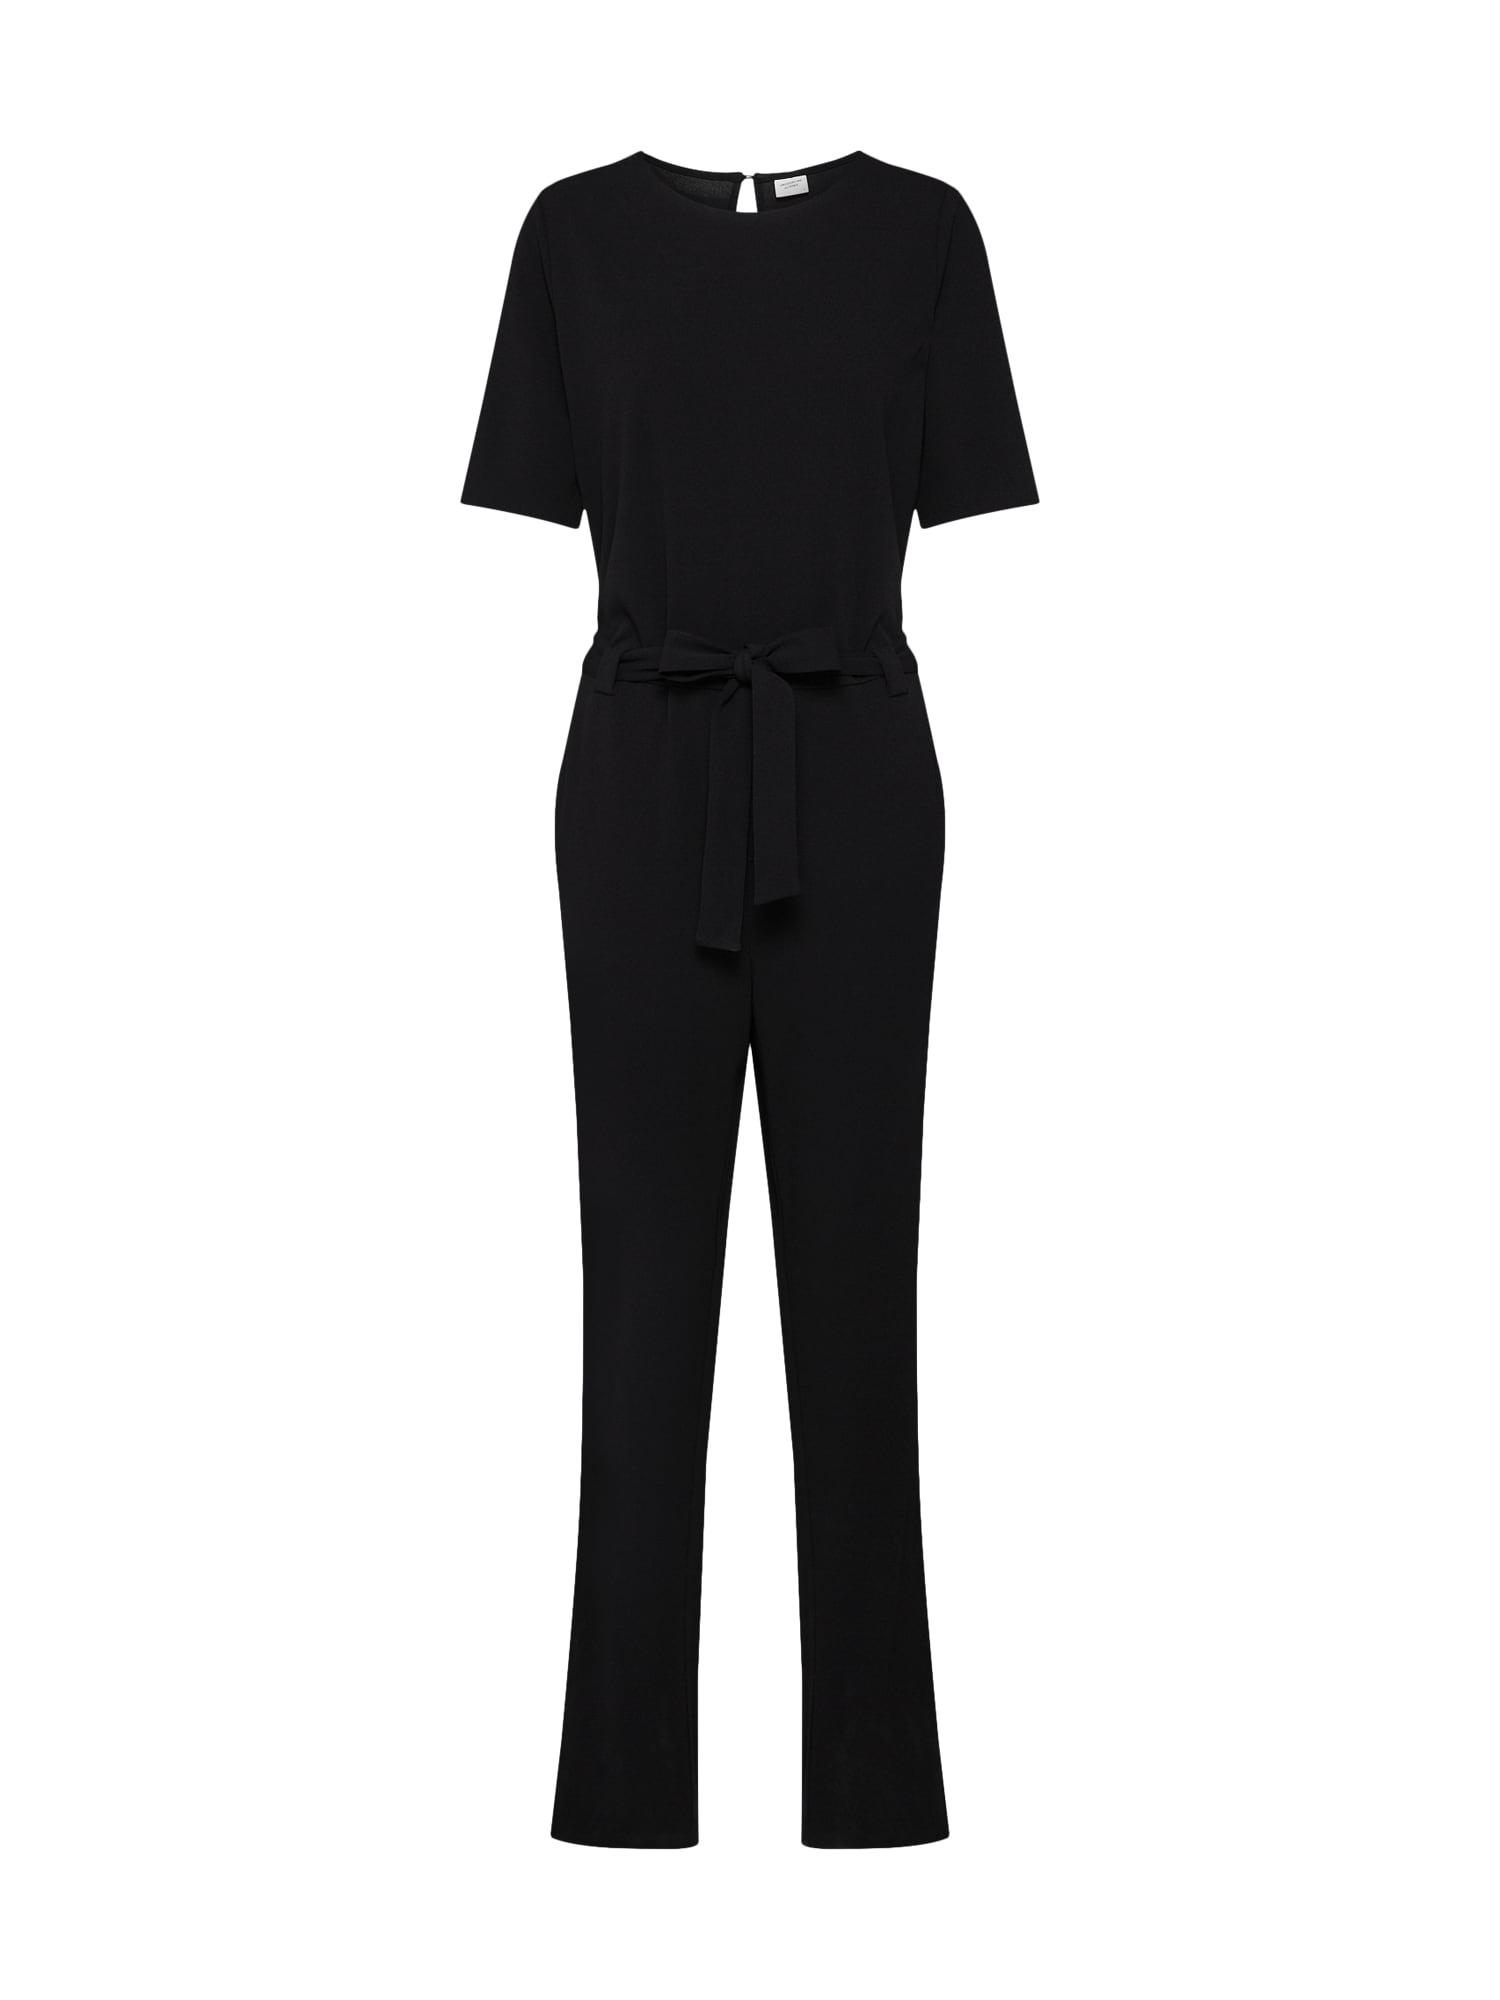 JACQUELINE De YONG, Dames Jumpsuit, zwart